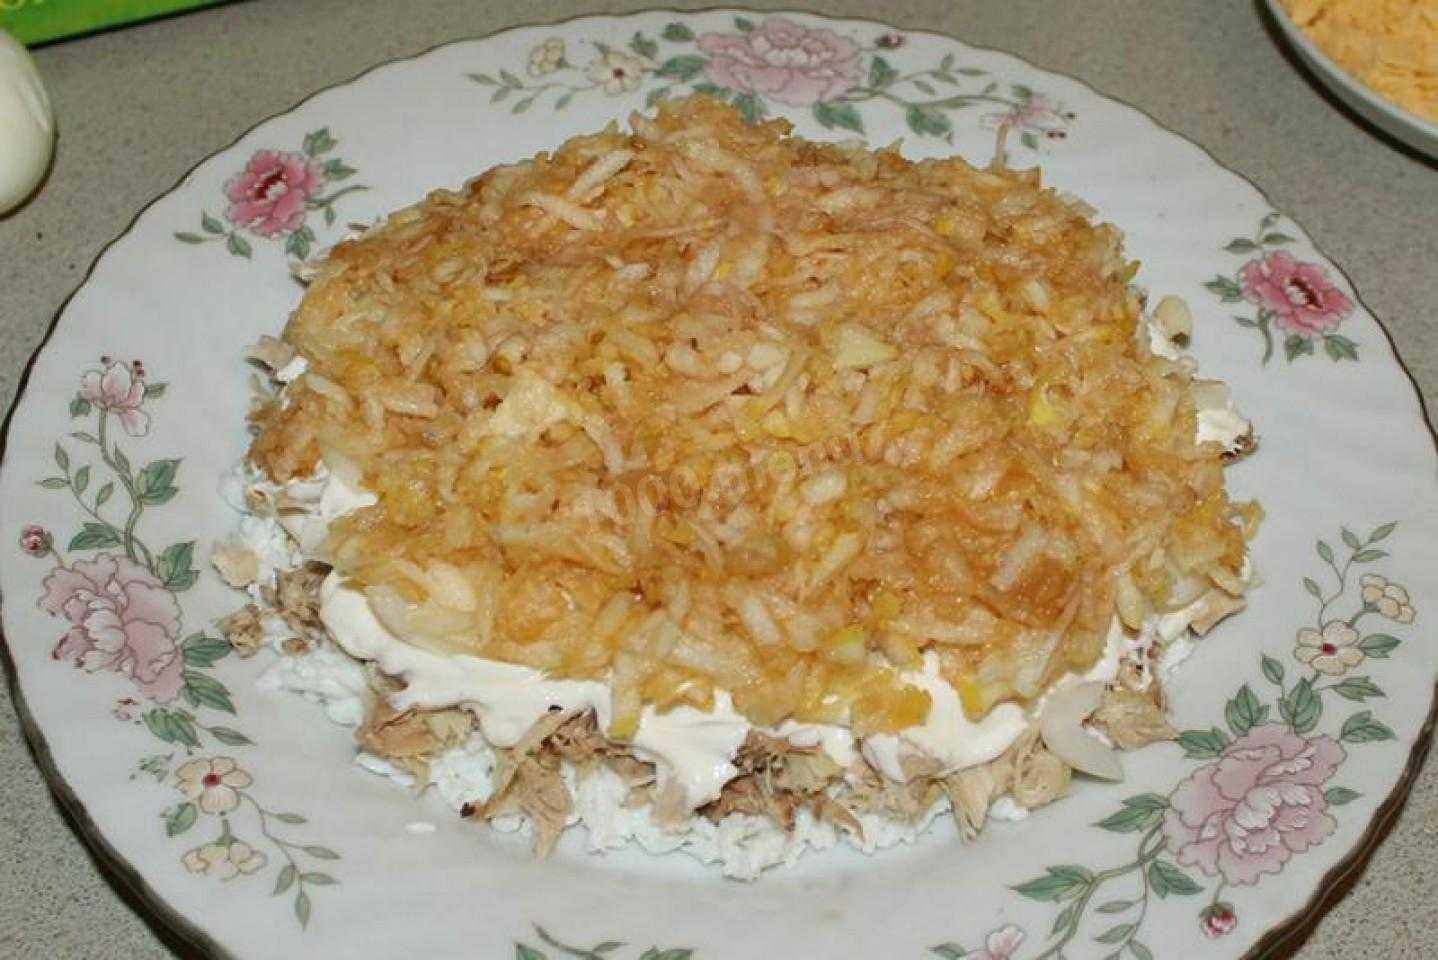 Салат с куриными бедрышками, ананасом и грецкими орехами рецепт с фото пошагово и видео - 1000.menu